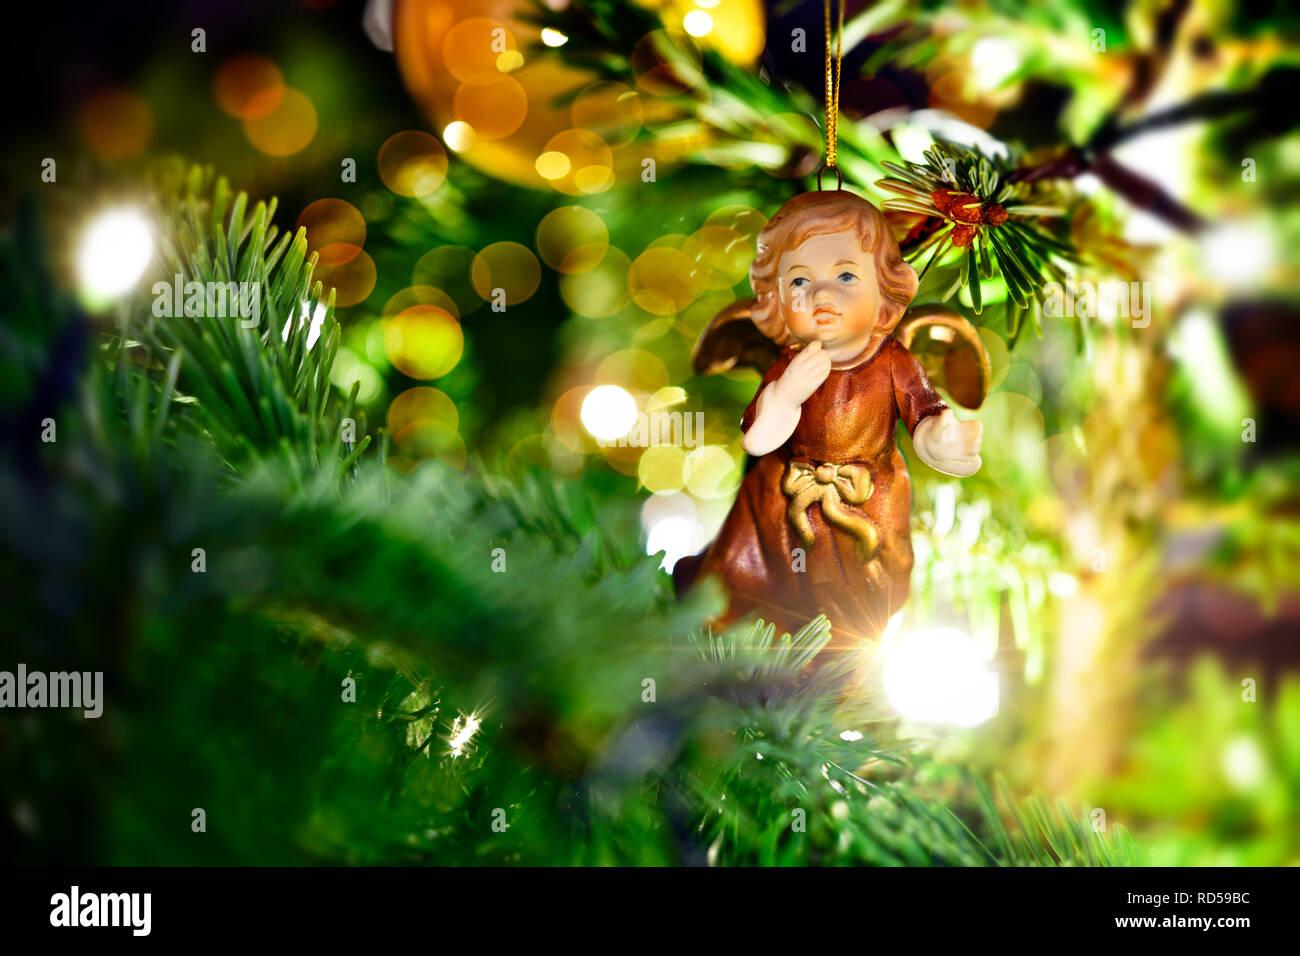 Foto Weihnachtsbaum.Angel S Figure In A Christmas Tree Engelsfigur An Einem